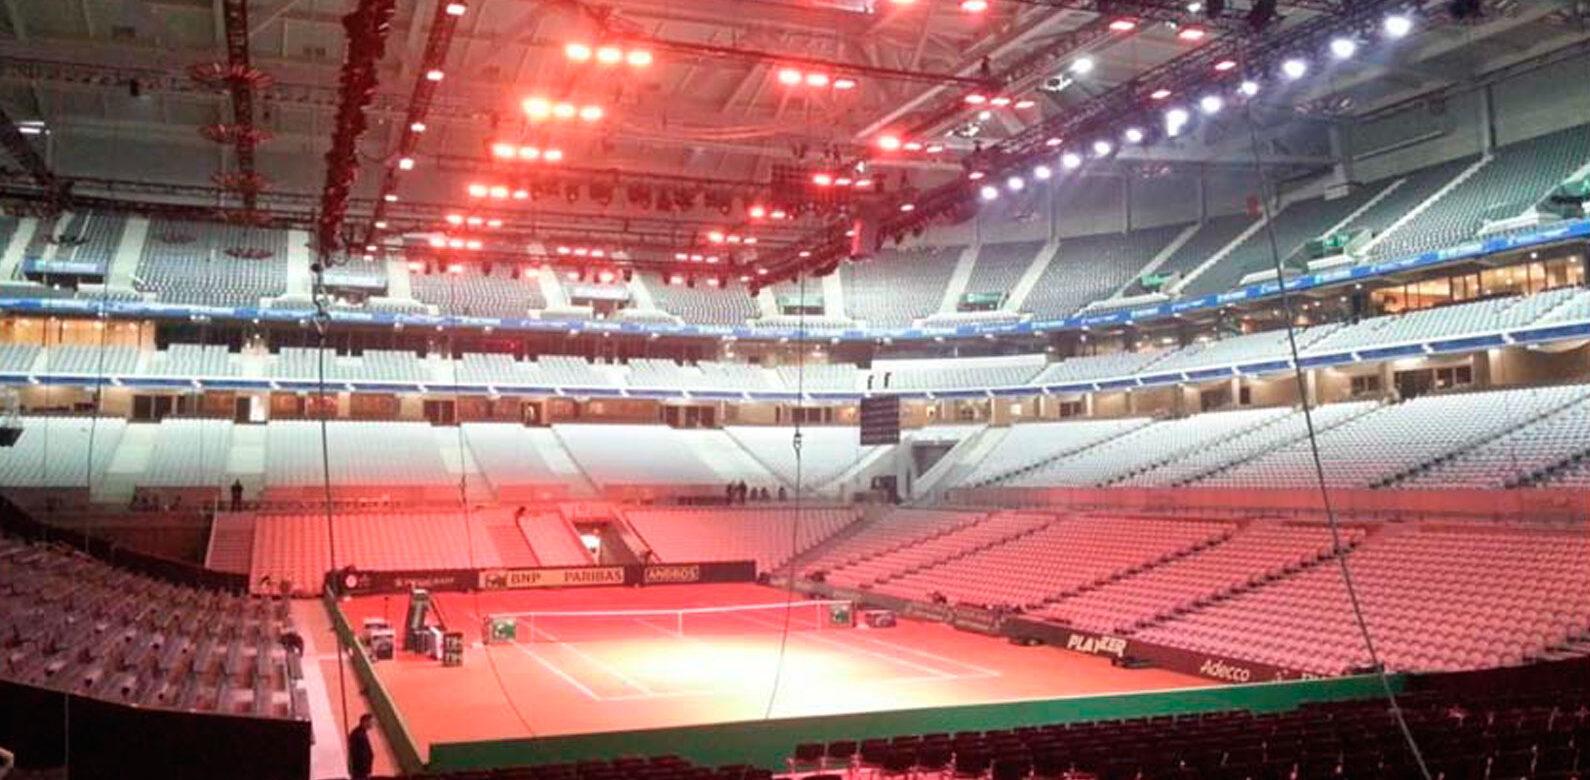 calefaccion-infrarrojos-industrial-pista-tenis